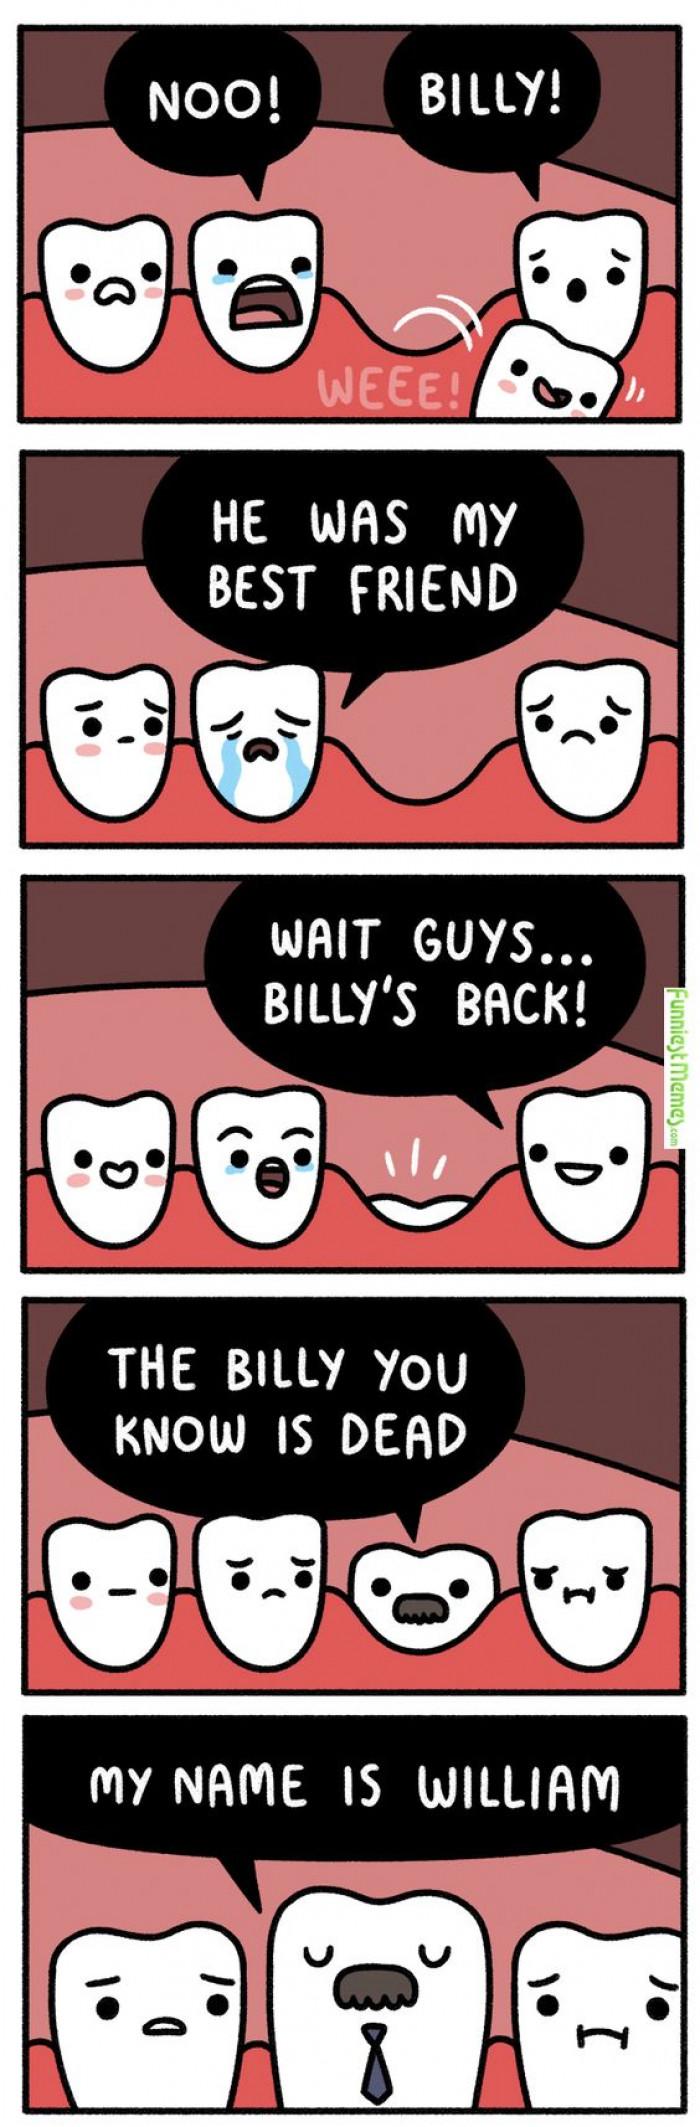 Noo! Billy!